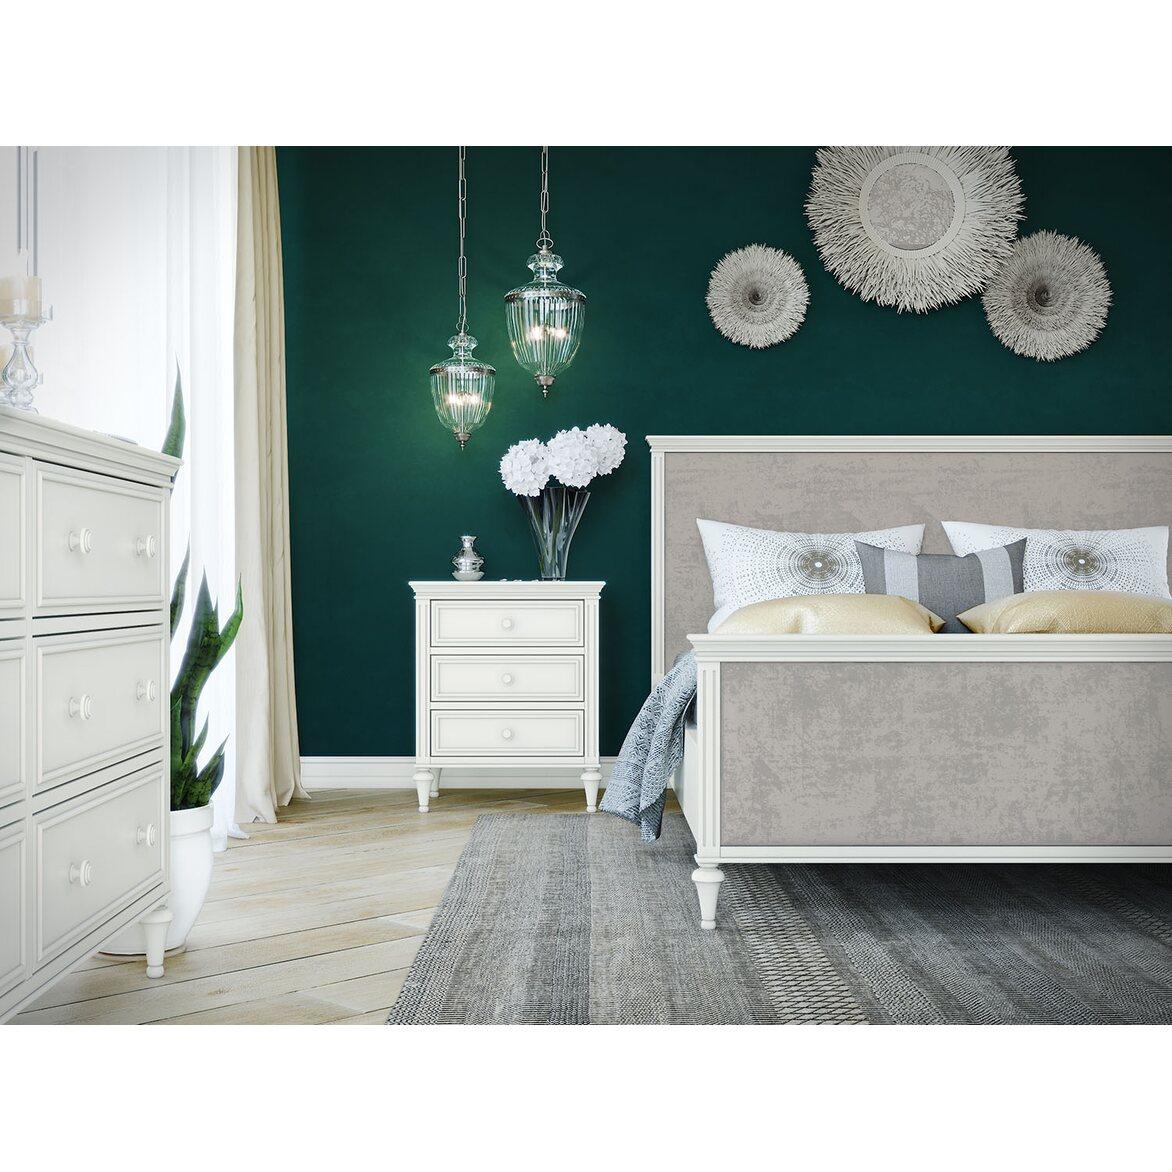 Кровать Riverdi с мягким изголовьем 5 | Двуспальные кровати Kingsby